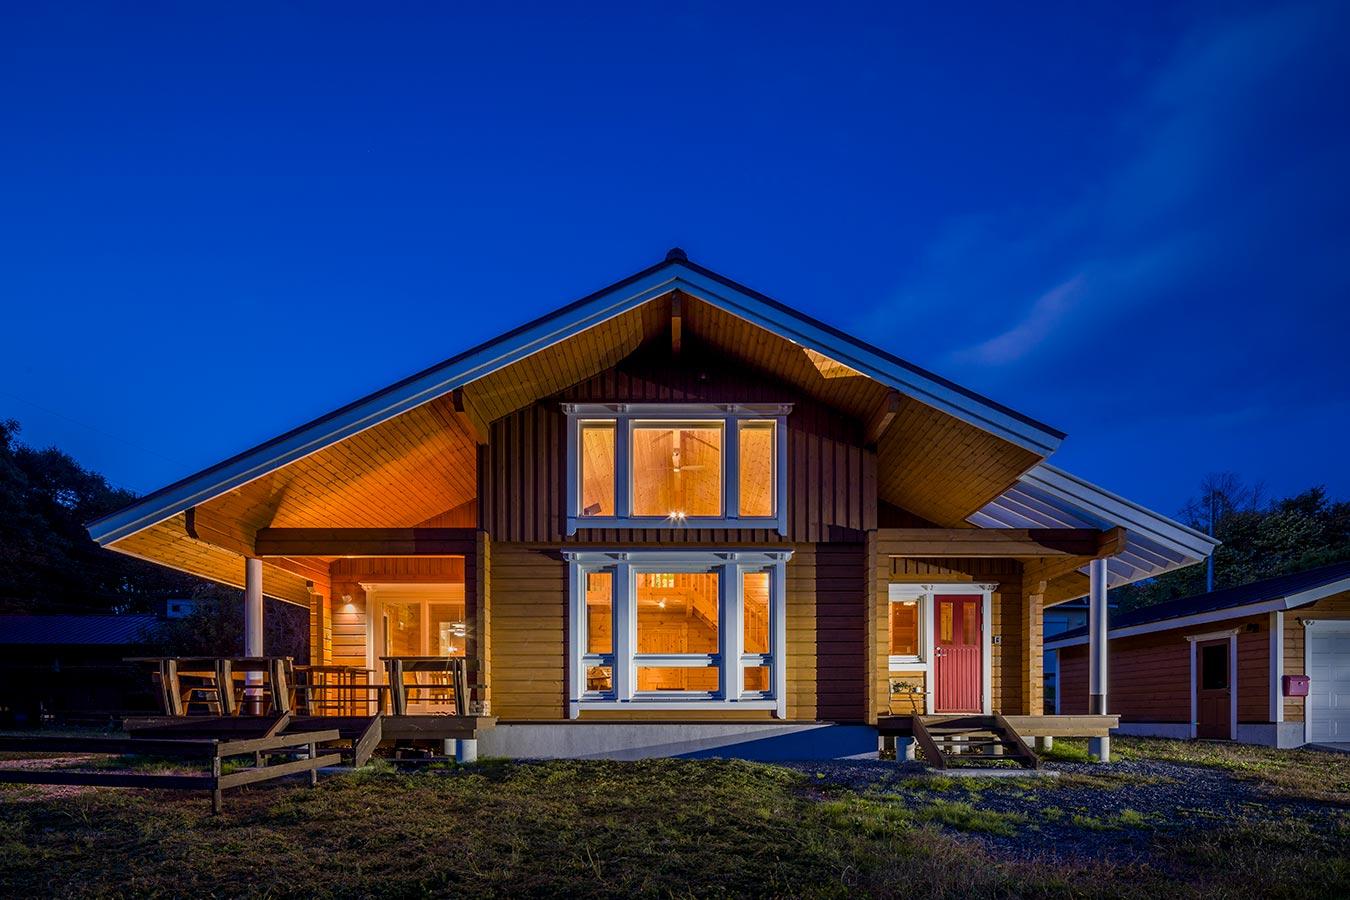 陽が落ちると室内の灯りが大きな屋根に反射し、立体感を際立たせます。